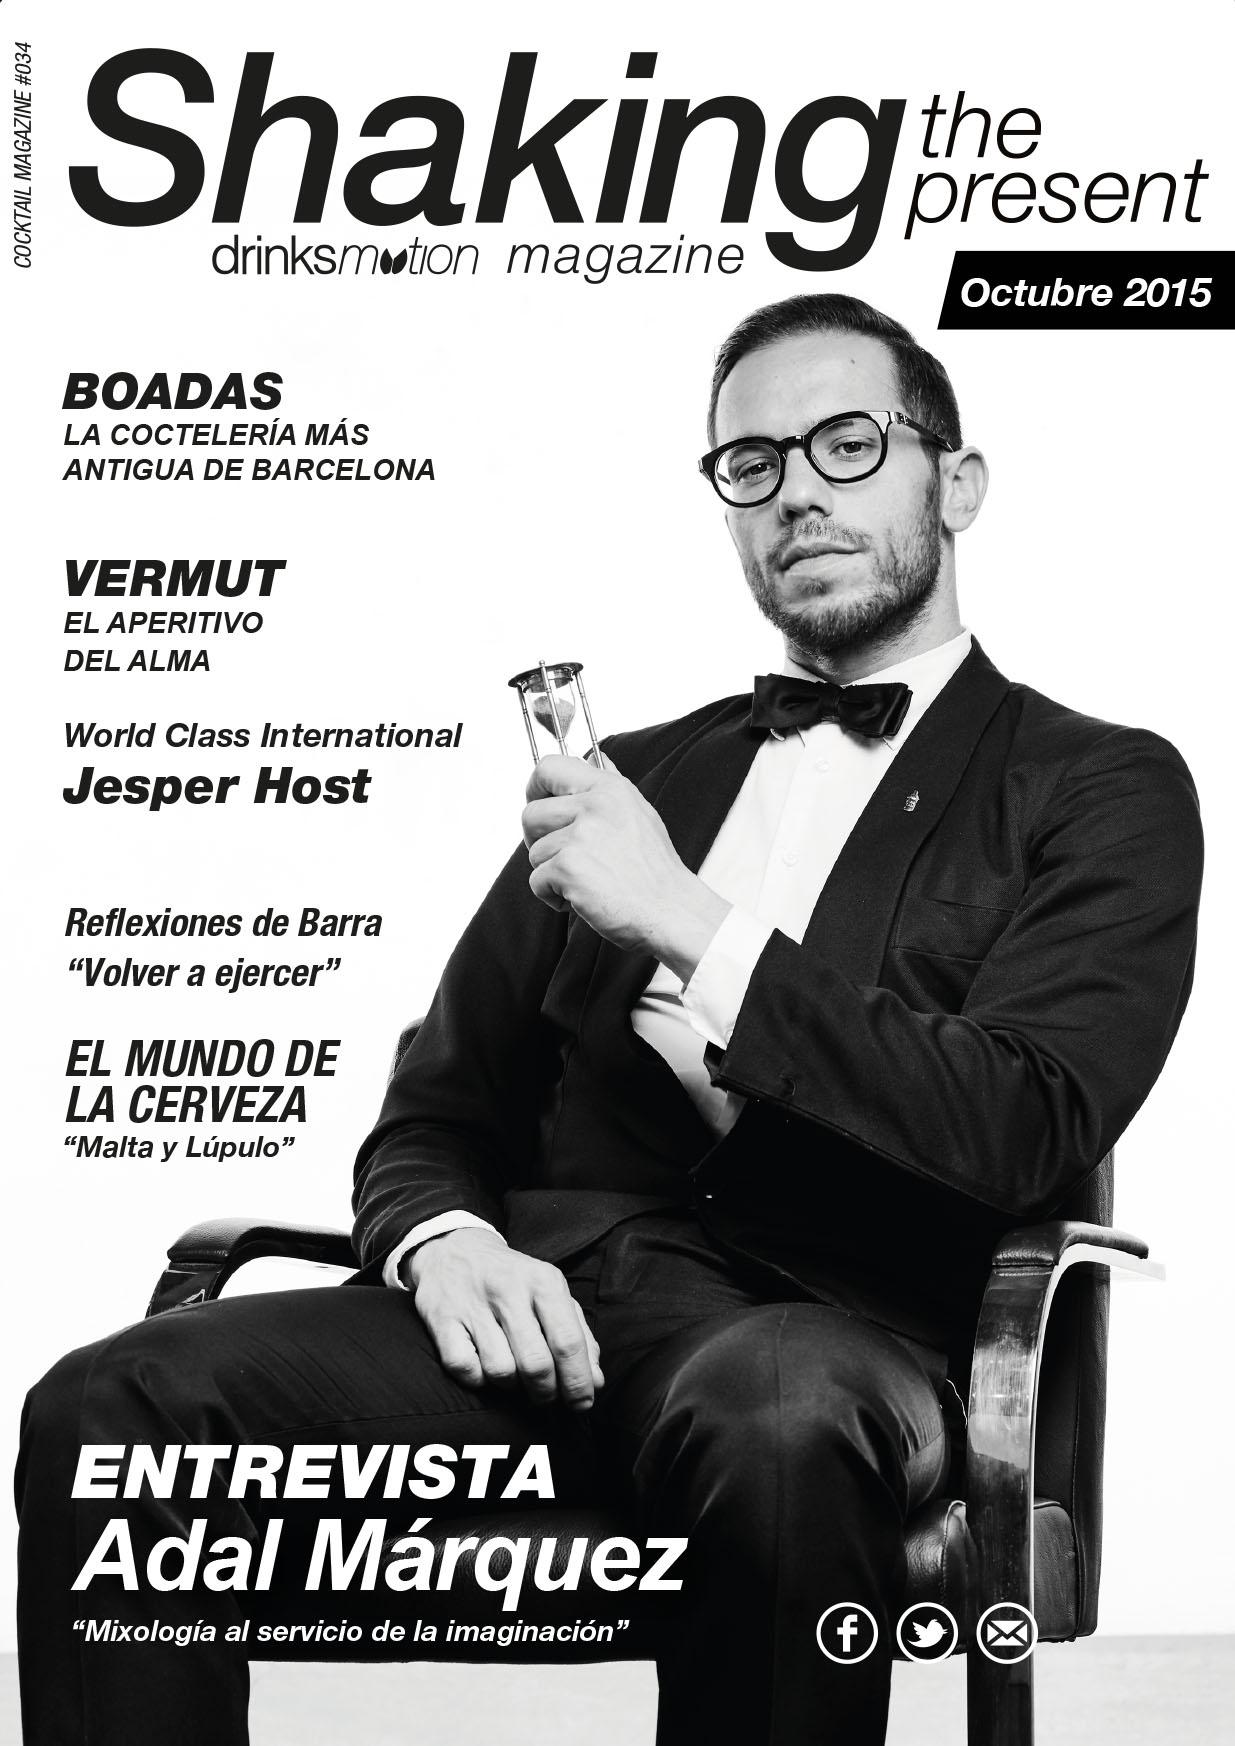 Magazine #23 Octubre 2015 – Adal Márquez